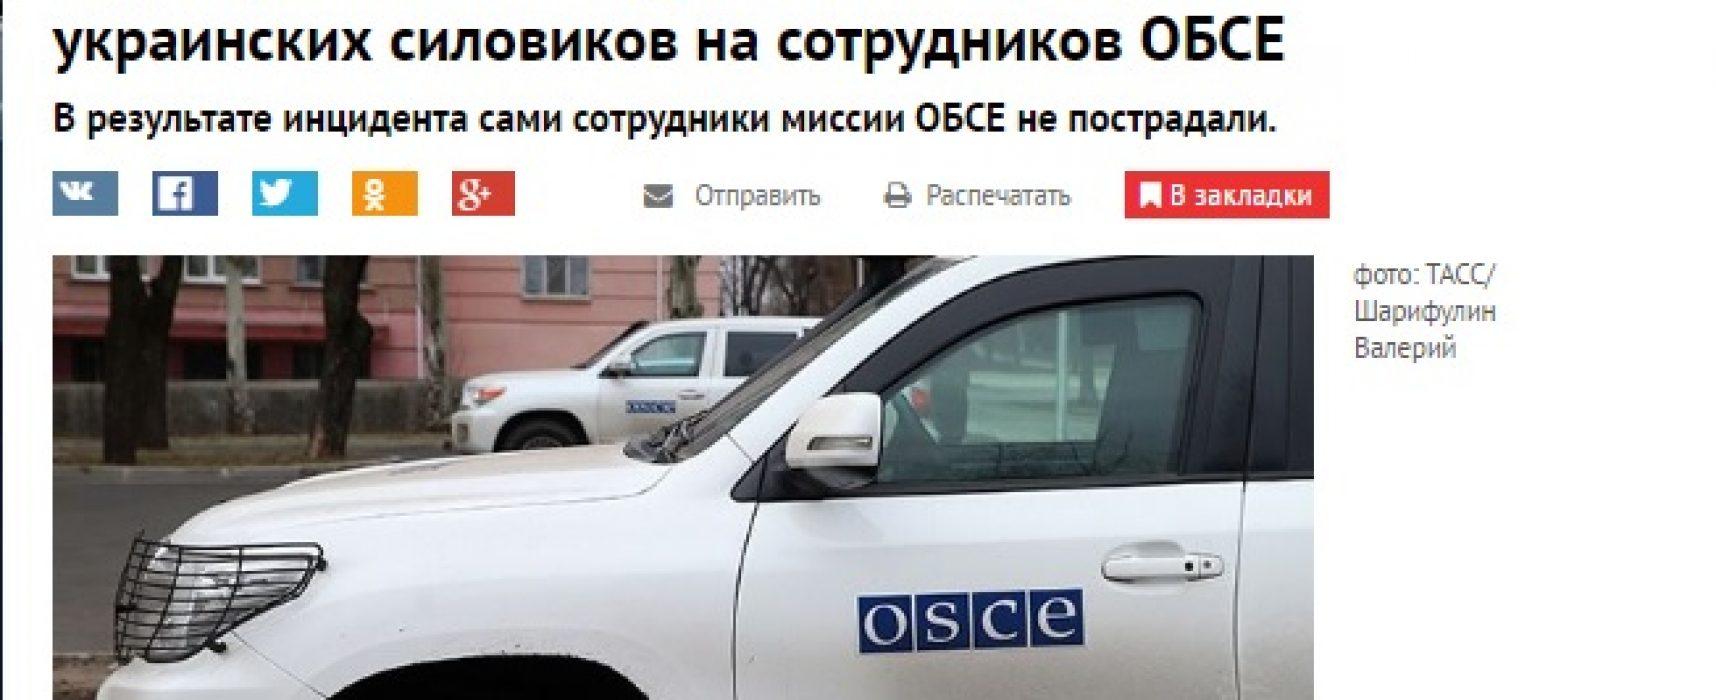 Fake: Ukrajinští ozbrojenci stříleli po misi OBSE